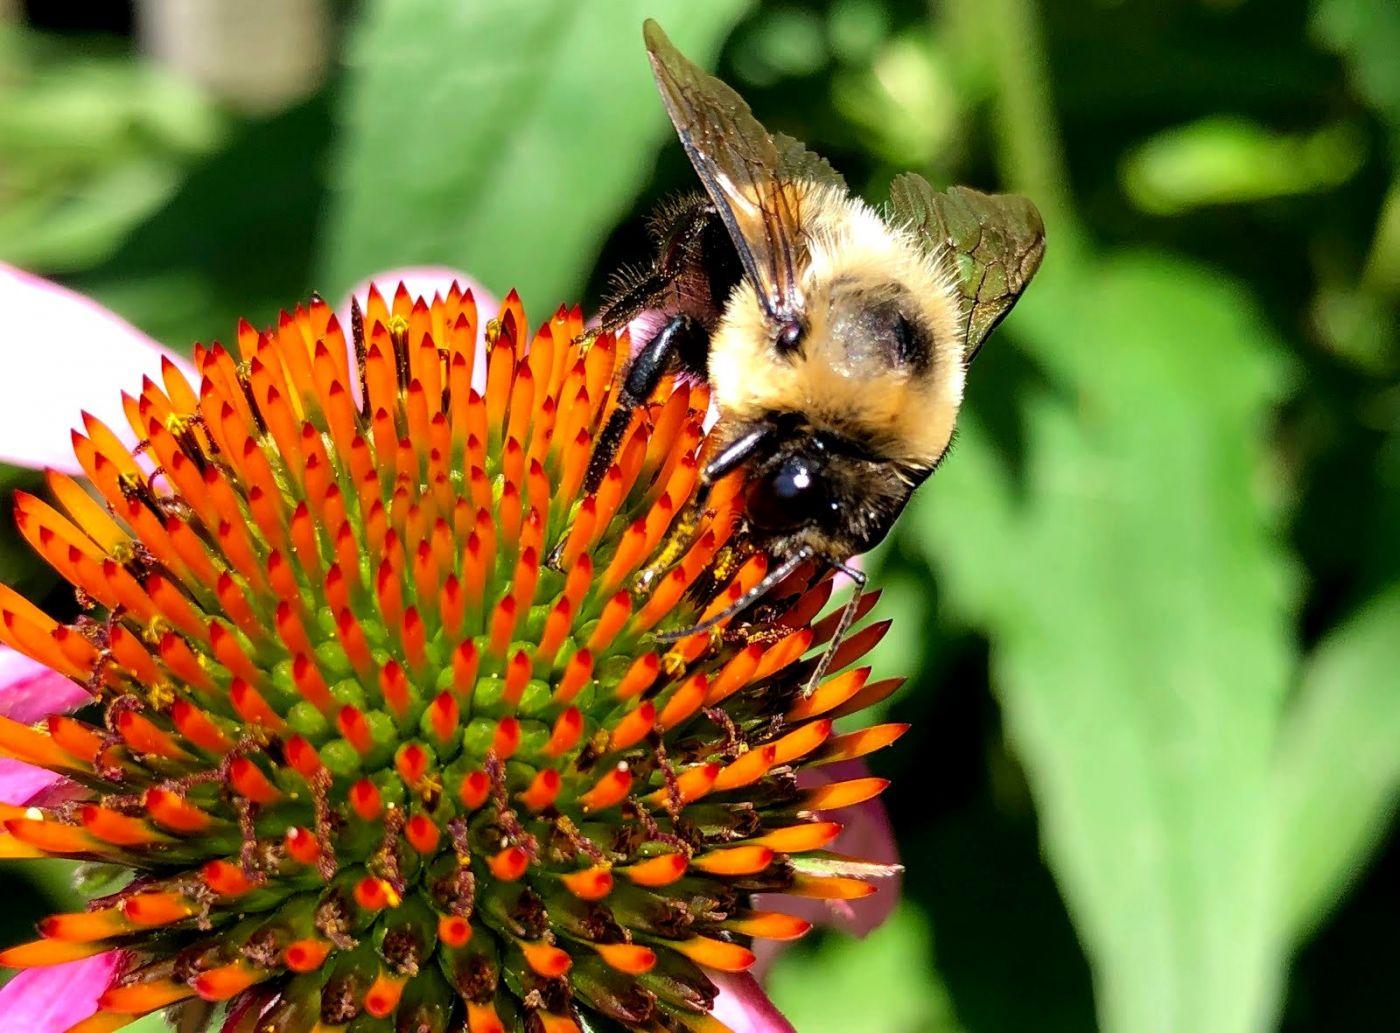 7月的蜜蜂.蝴蝶_图1-4